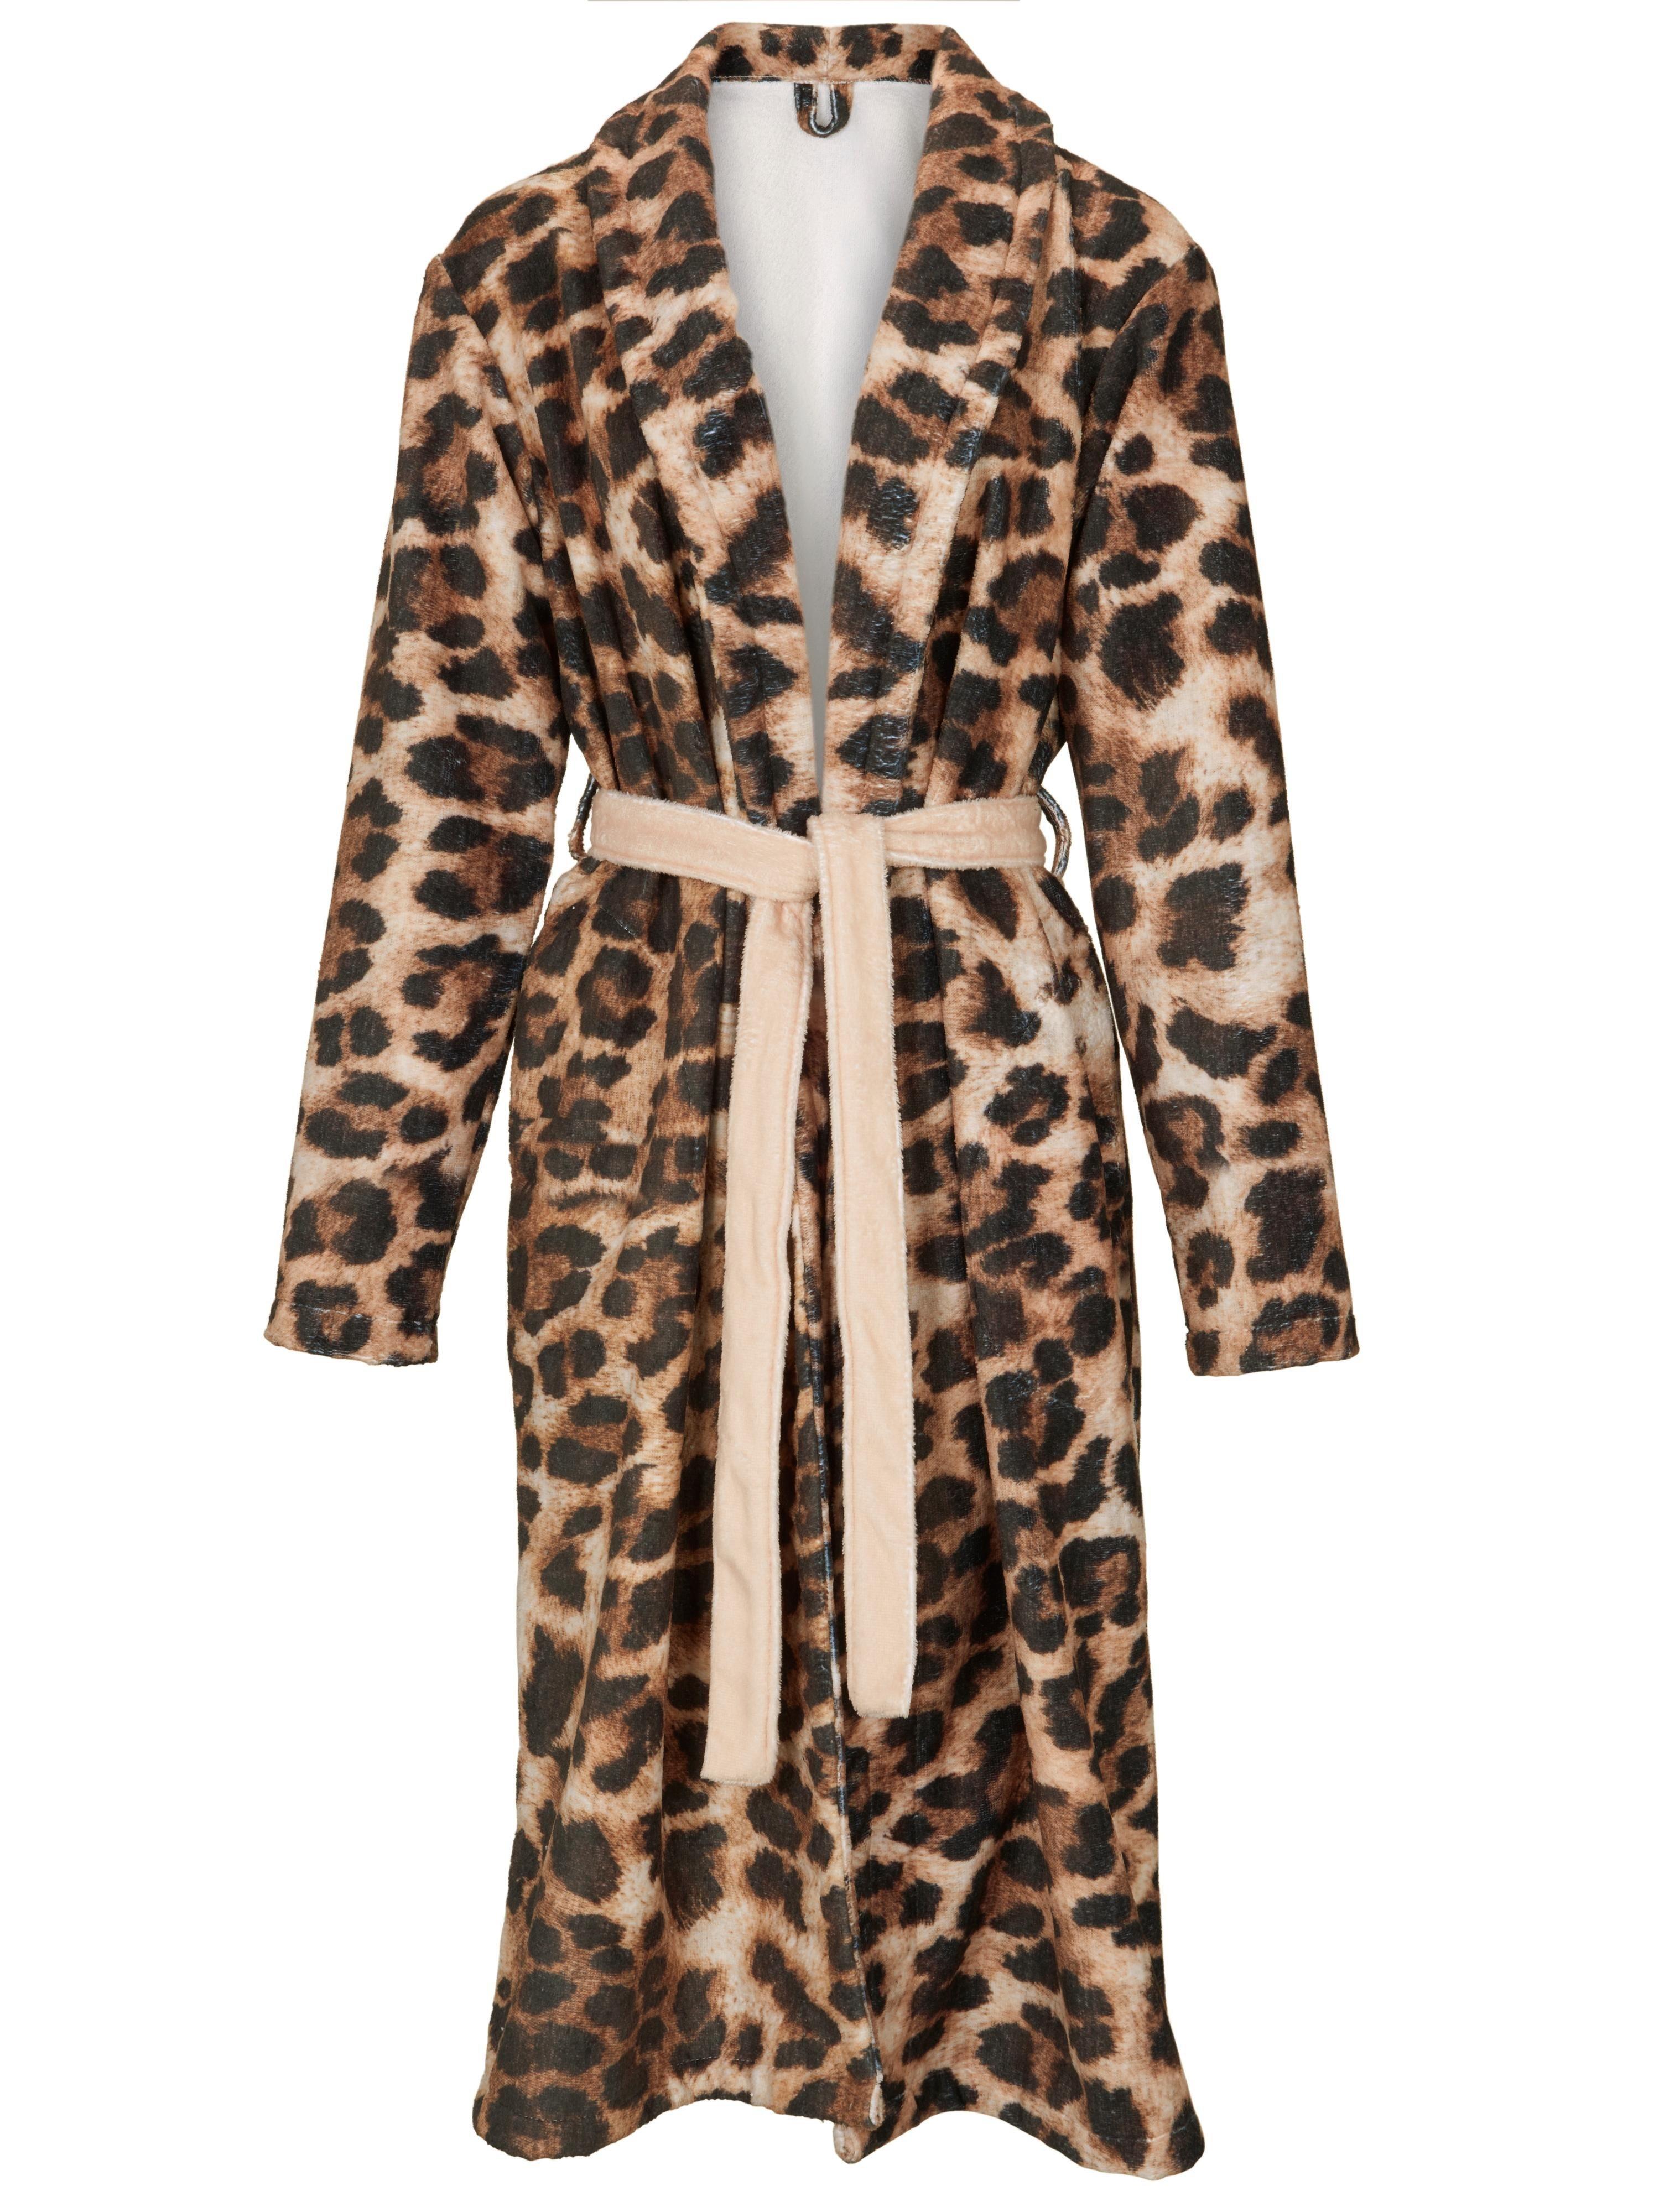 f0fa51d751 Pantoletten Leopard Preisvergleich • Die besten Angebote online kaufen